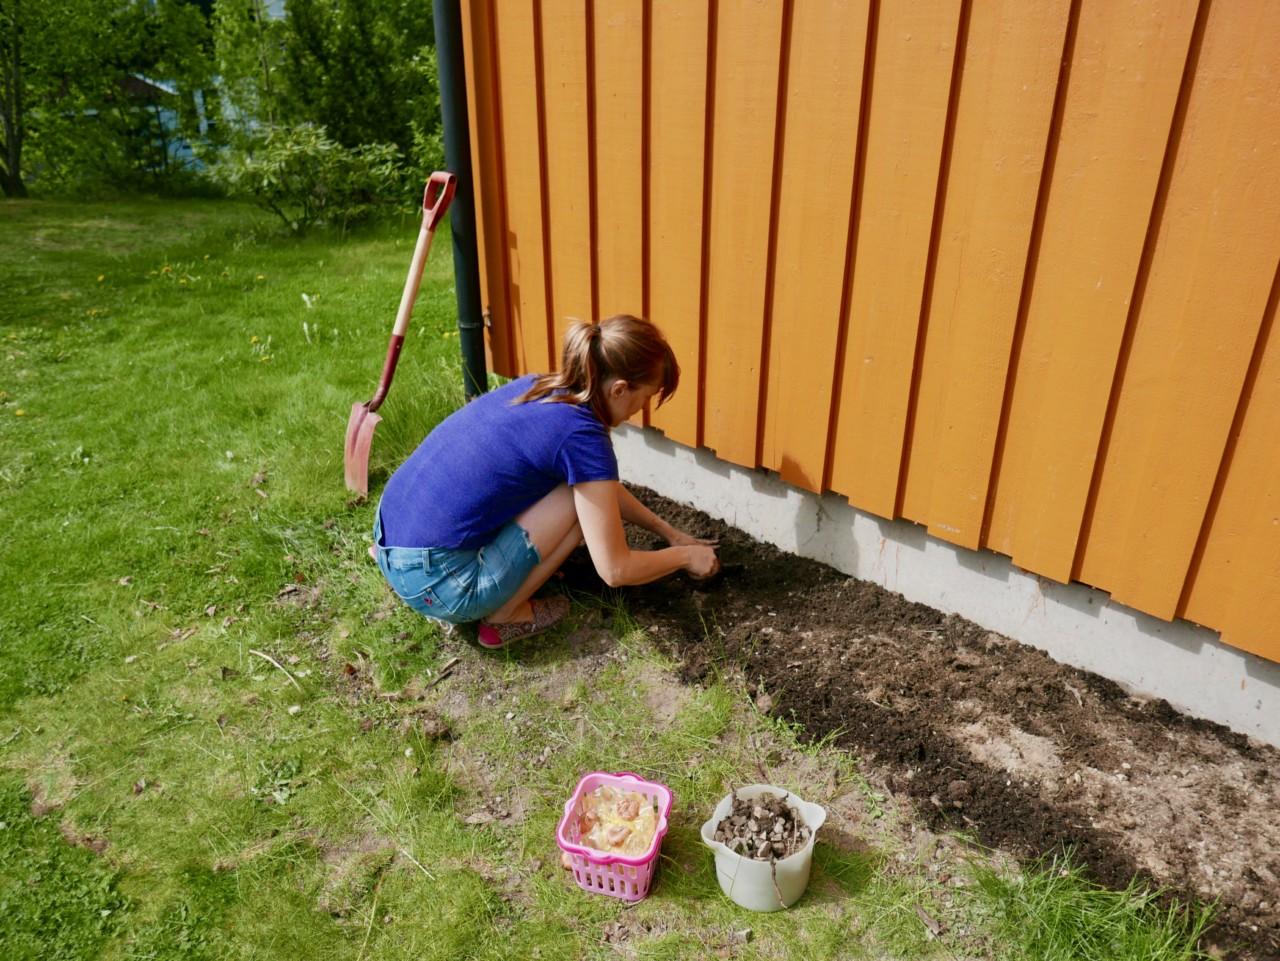 hage-prosjekt-garden-blomster-bed-anja-stang